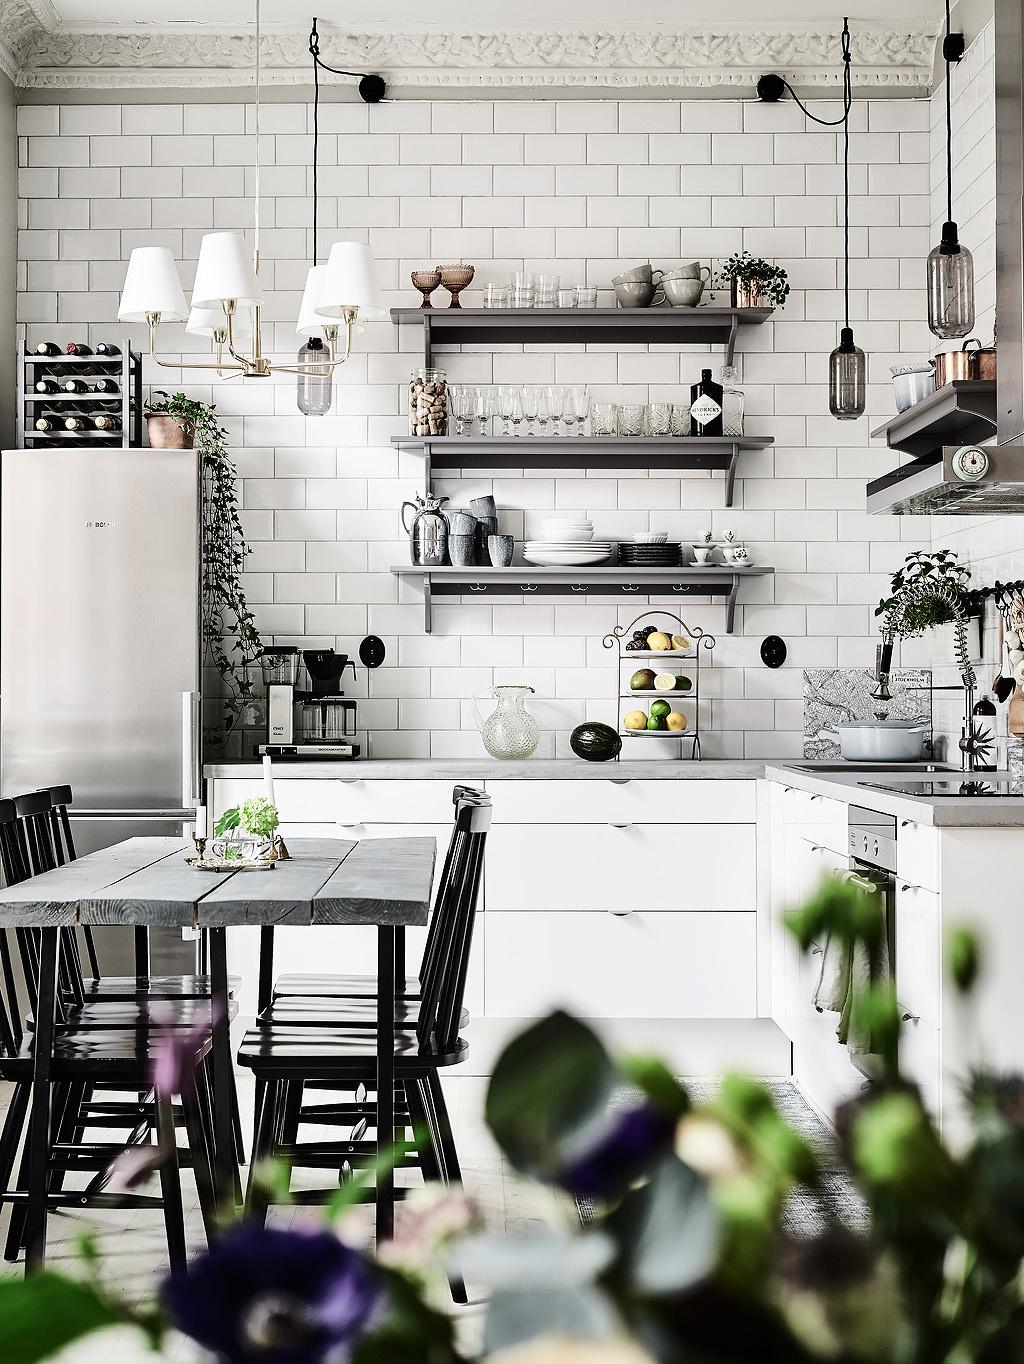 Amazing Interior Design Ideas